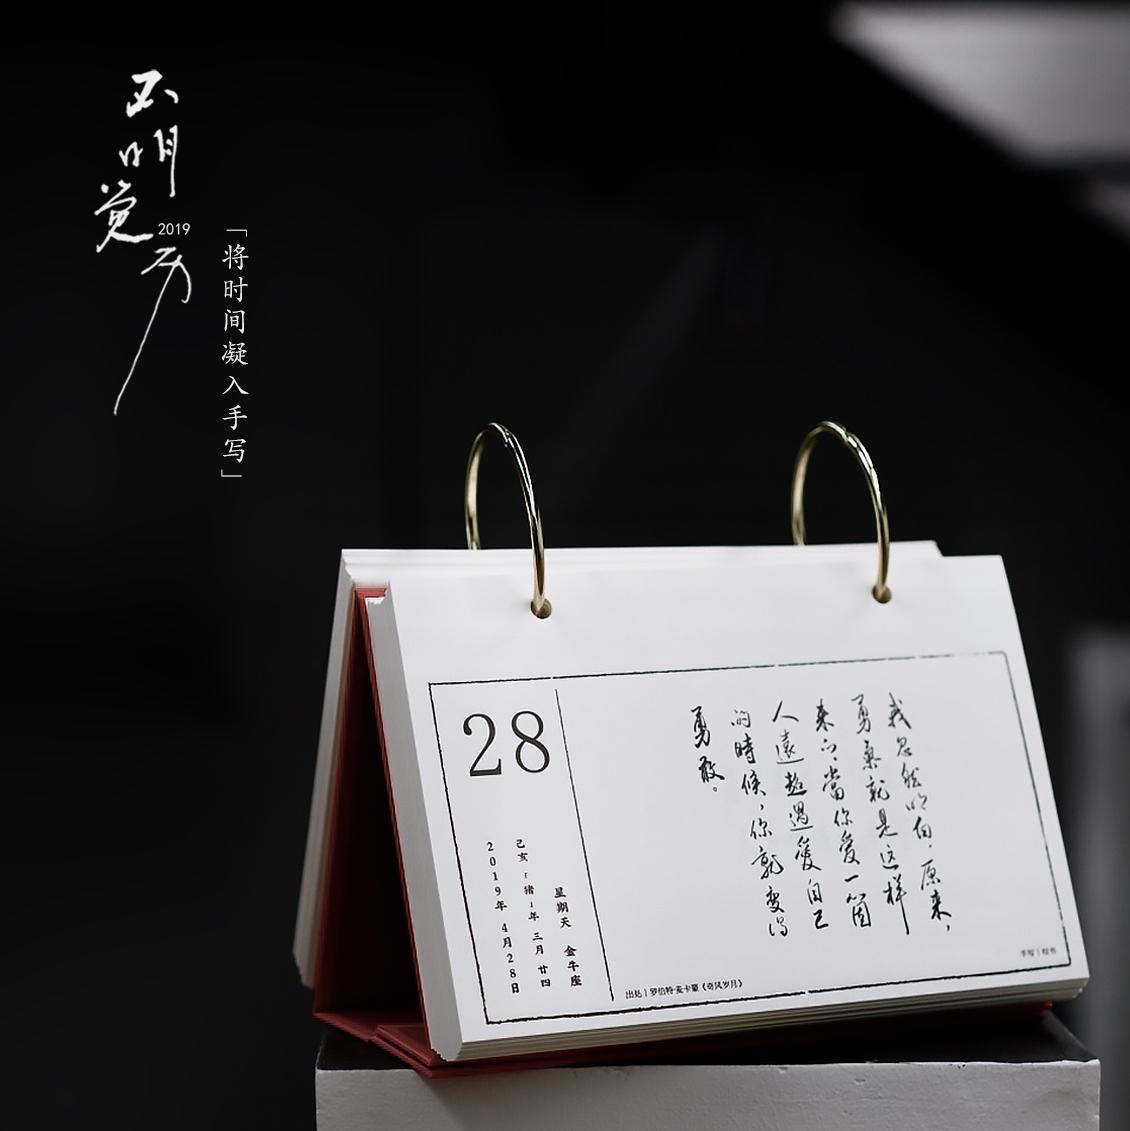 一起练字不明觉历2019手写版,送朋友的礼物